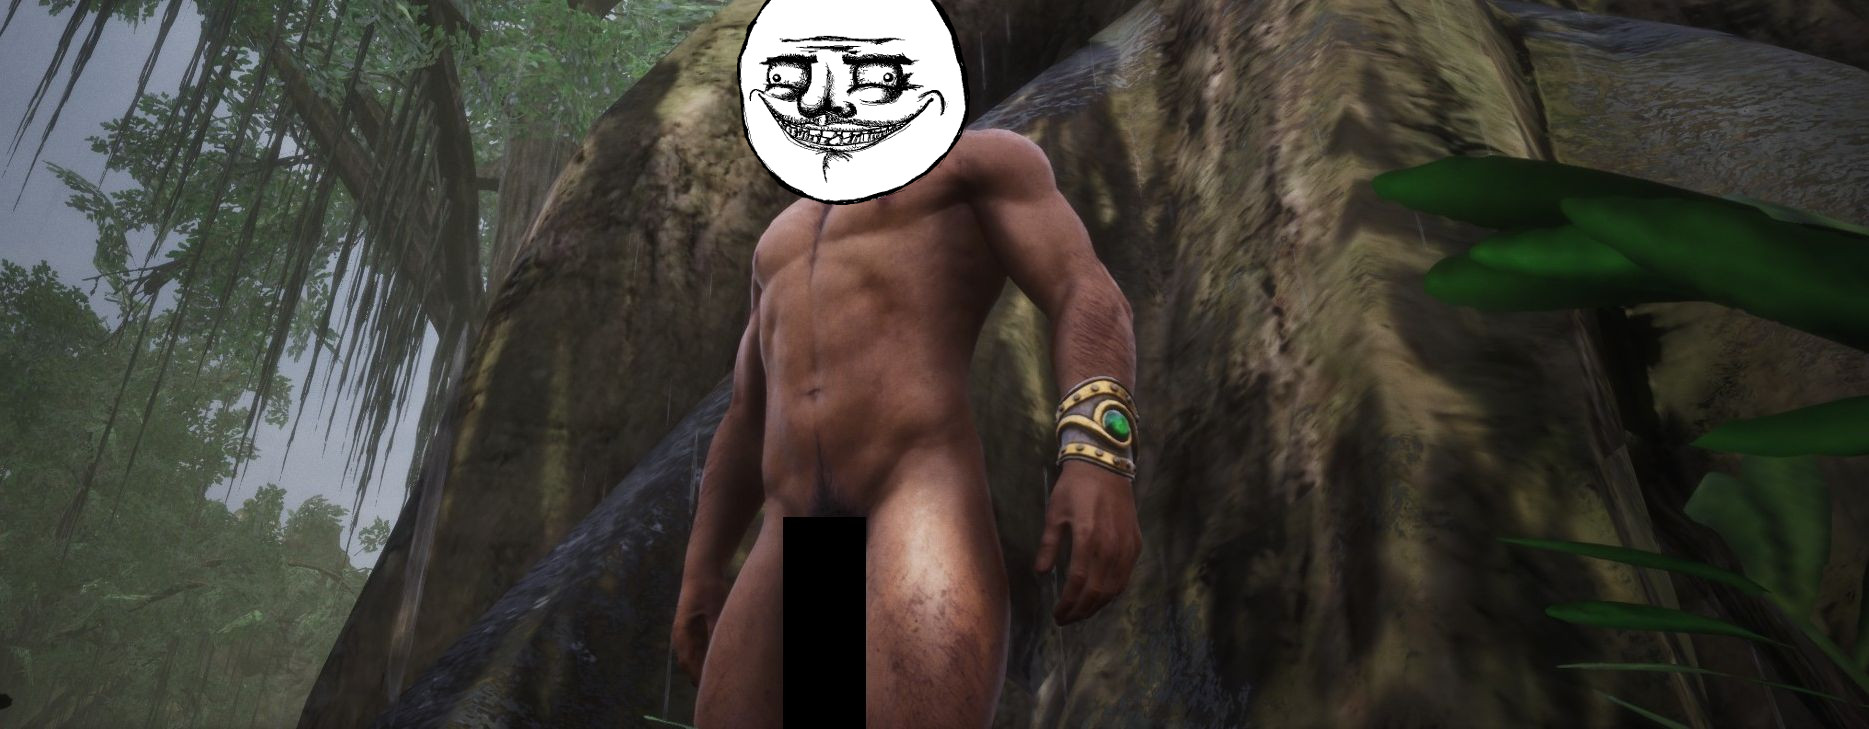 Conan Exiles hat tatsächlich einen Trank, der den Penis länger macht